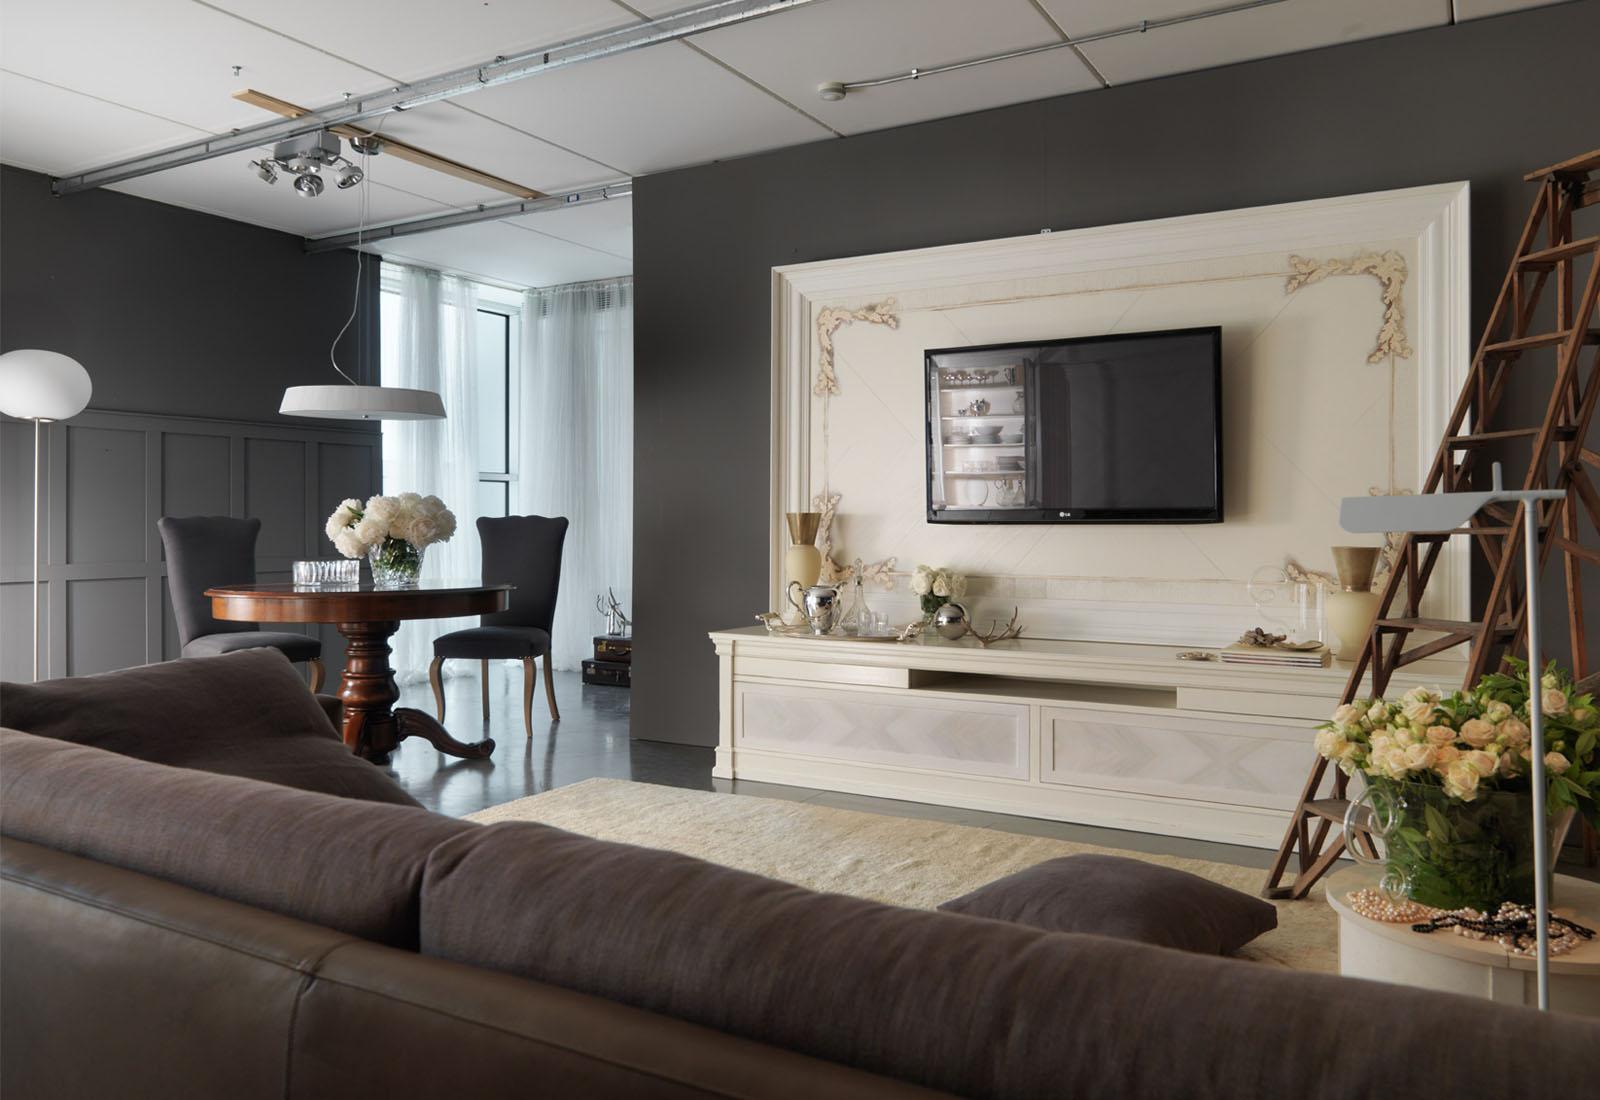 Great arredamento elegante with arredamento elegante for Arredamento bar economico